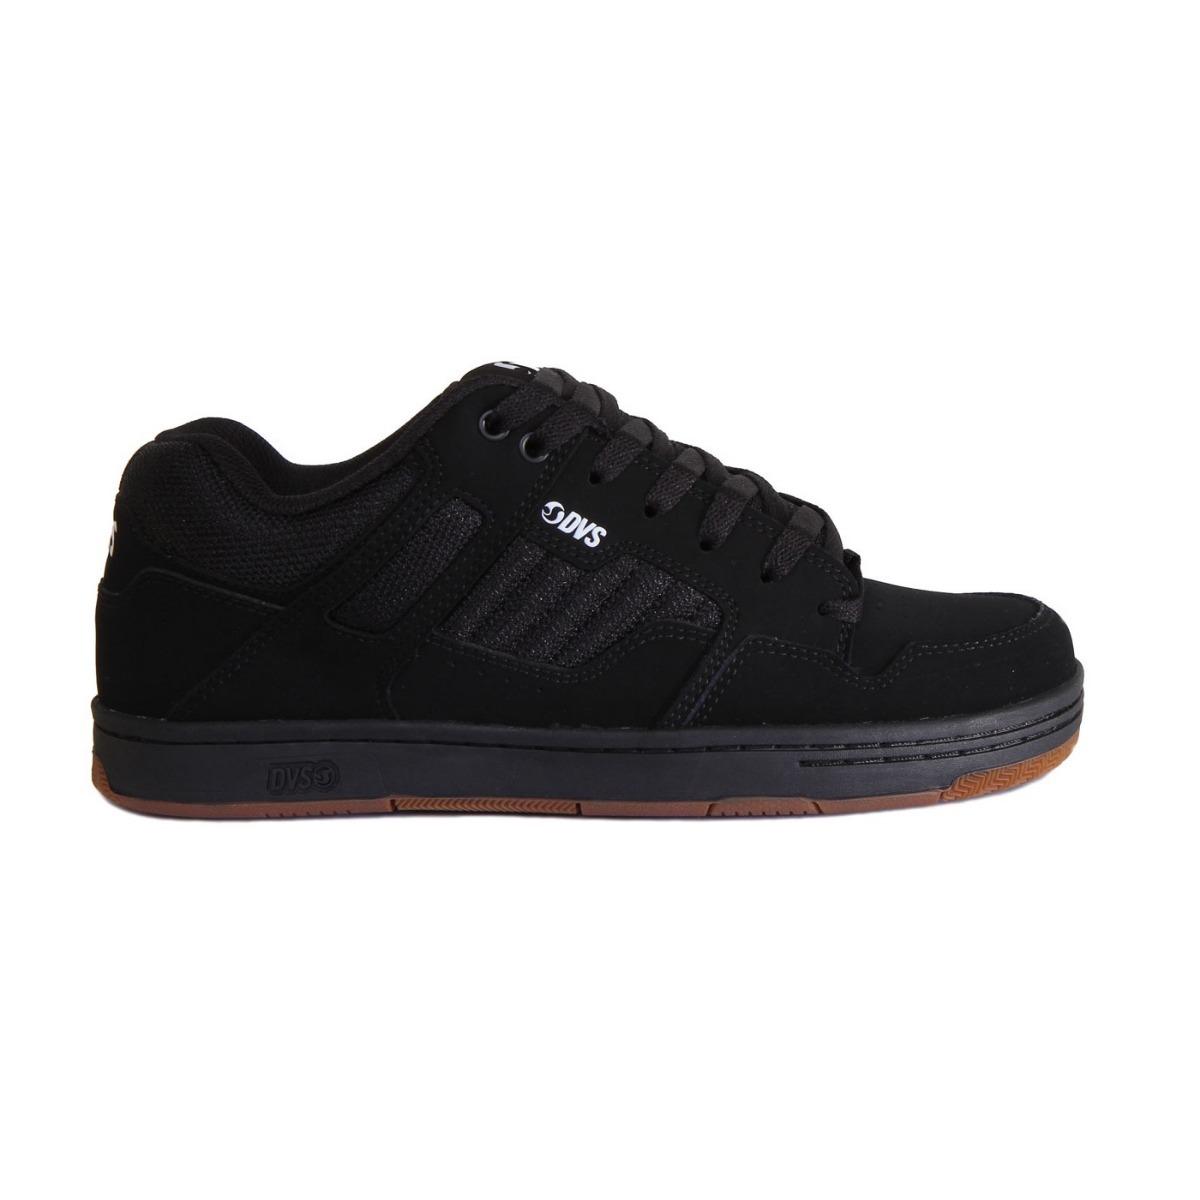 83e5b74b10c tênis dvs enduro 125 black   gum classic skate. Carregando zoom.